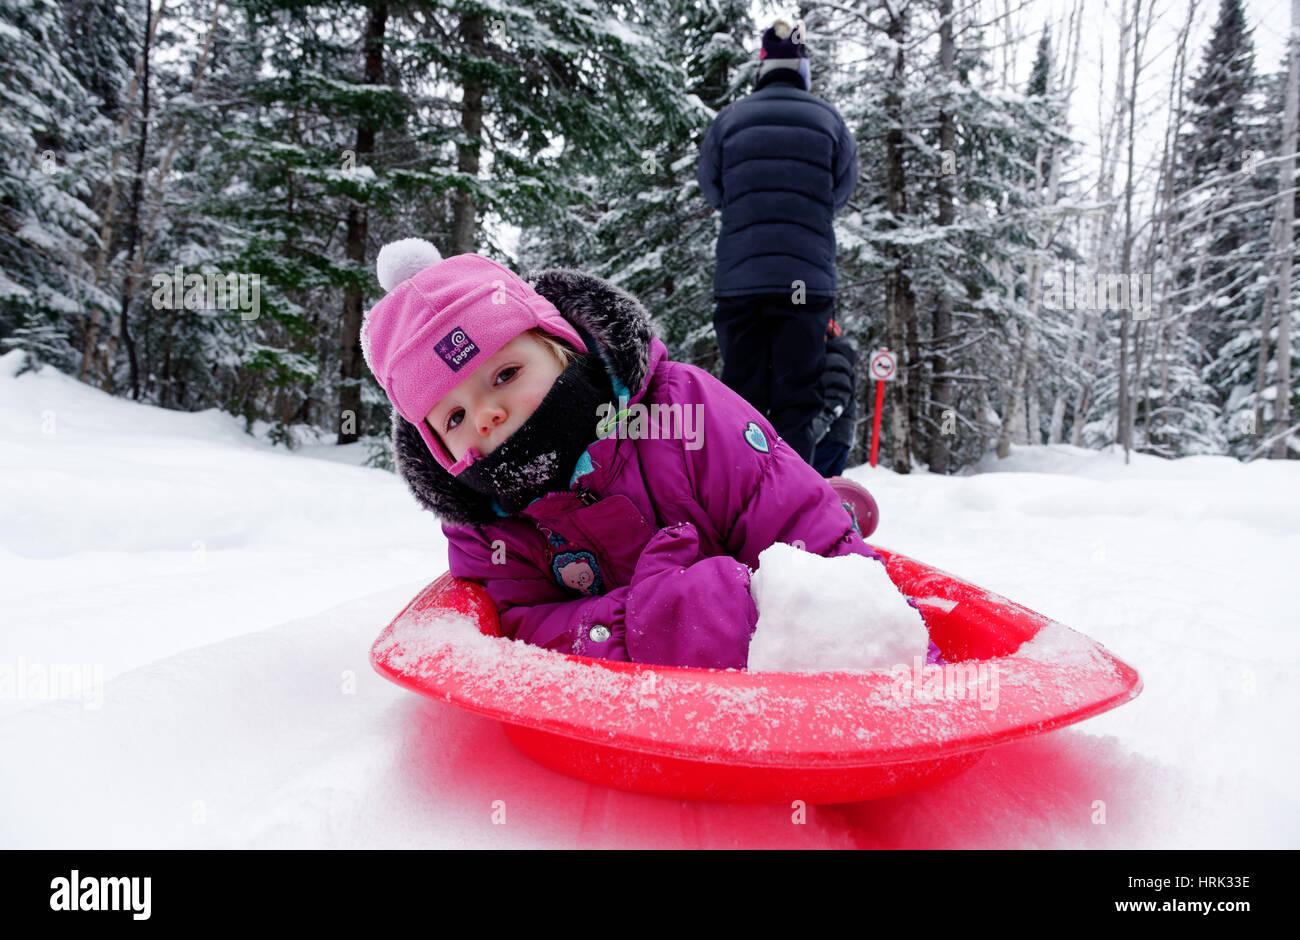 Ein kleines Mädchen (2 Jahre alt) wird von ihrer Mutter in einem Schlitten gezogen Stockbild